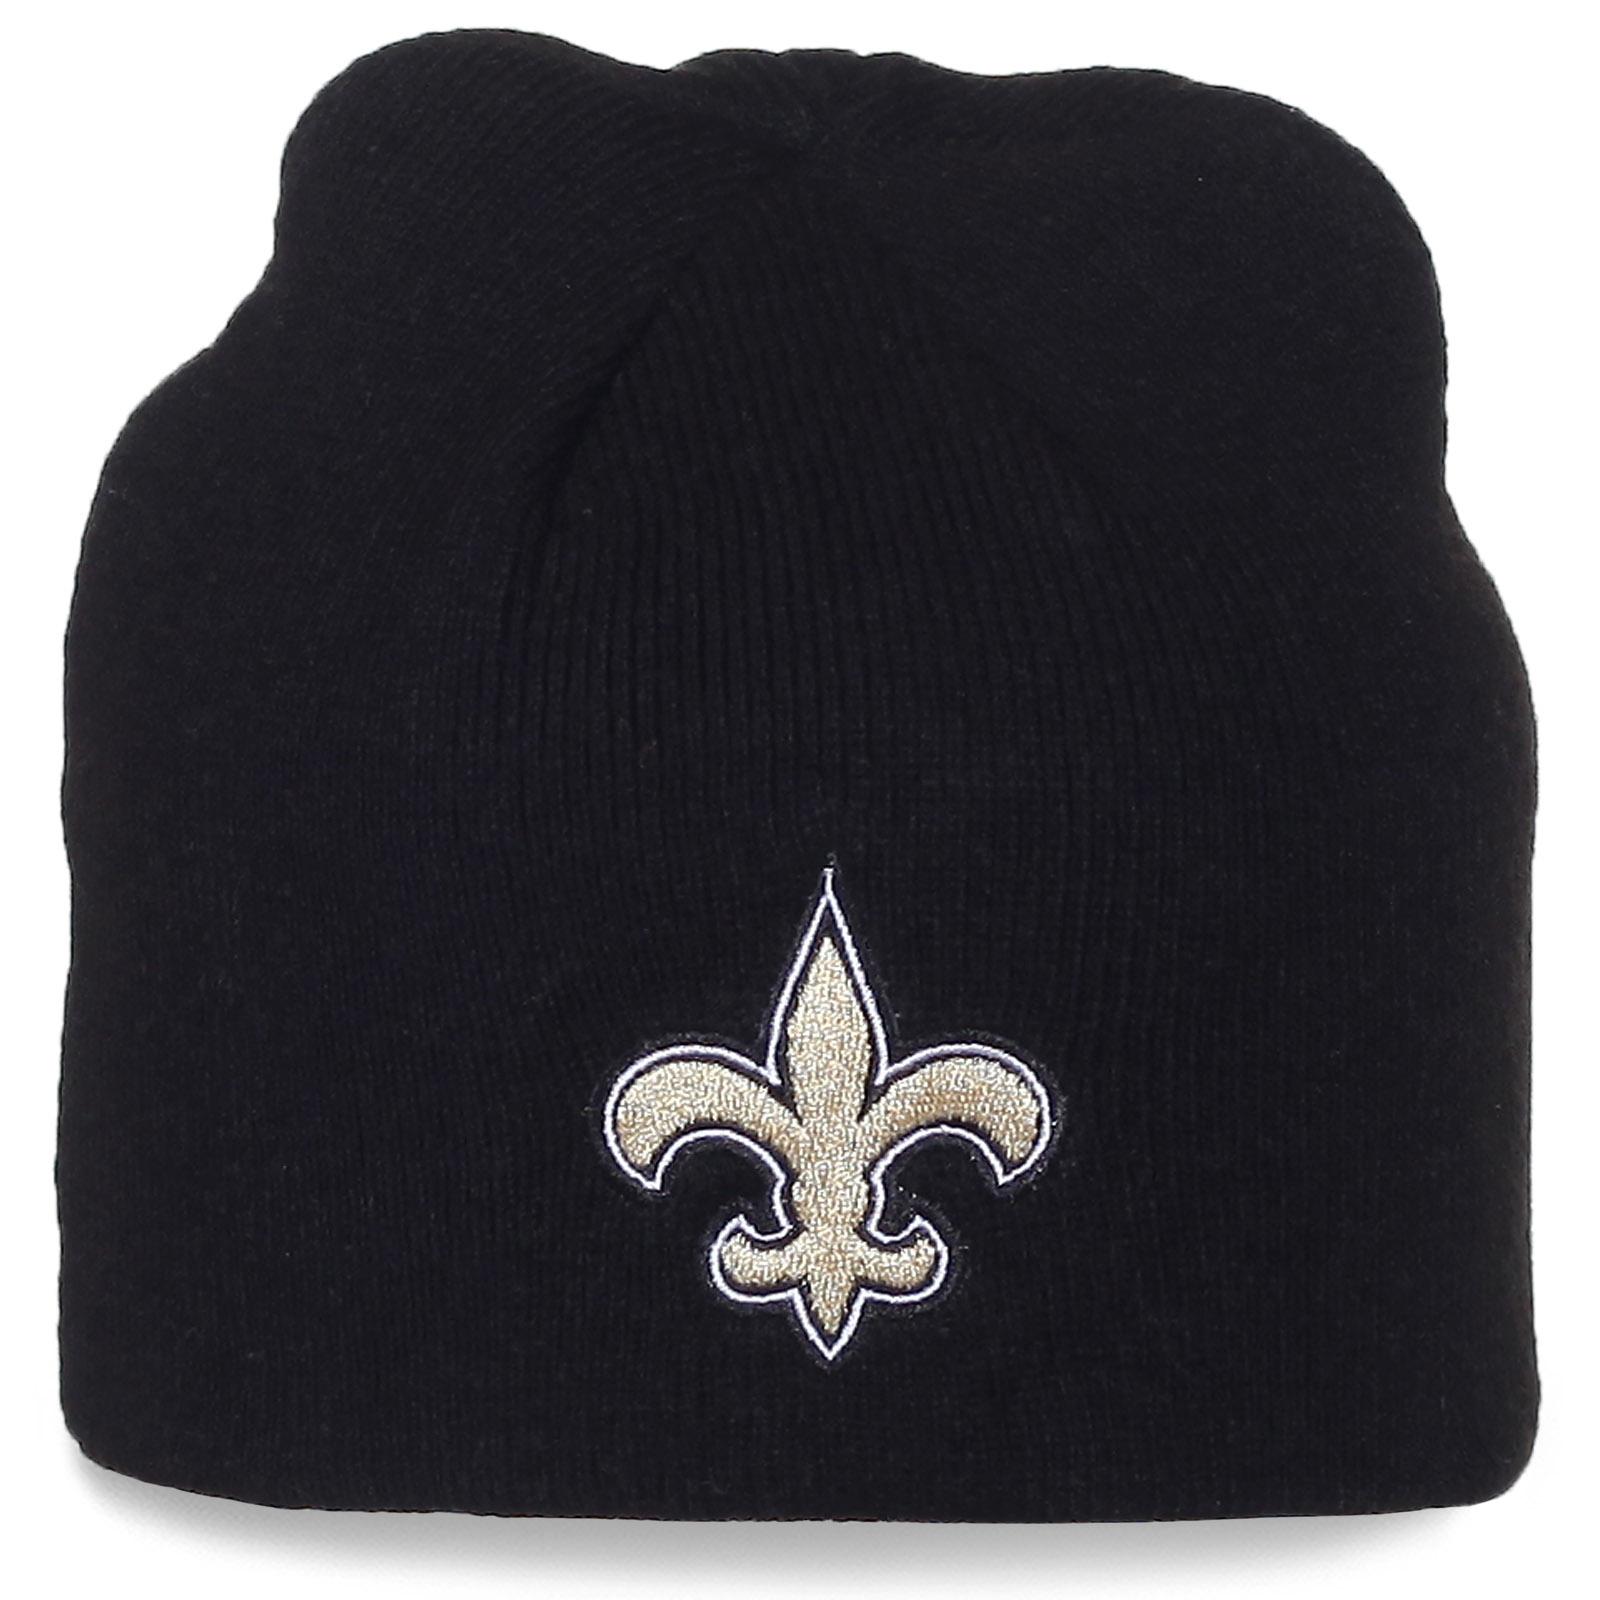 Заказать мужские шапки New Orleans недорого с доставкой